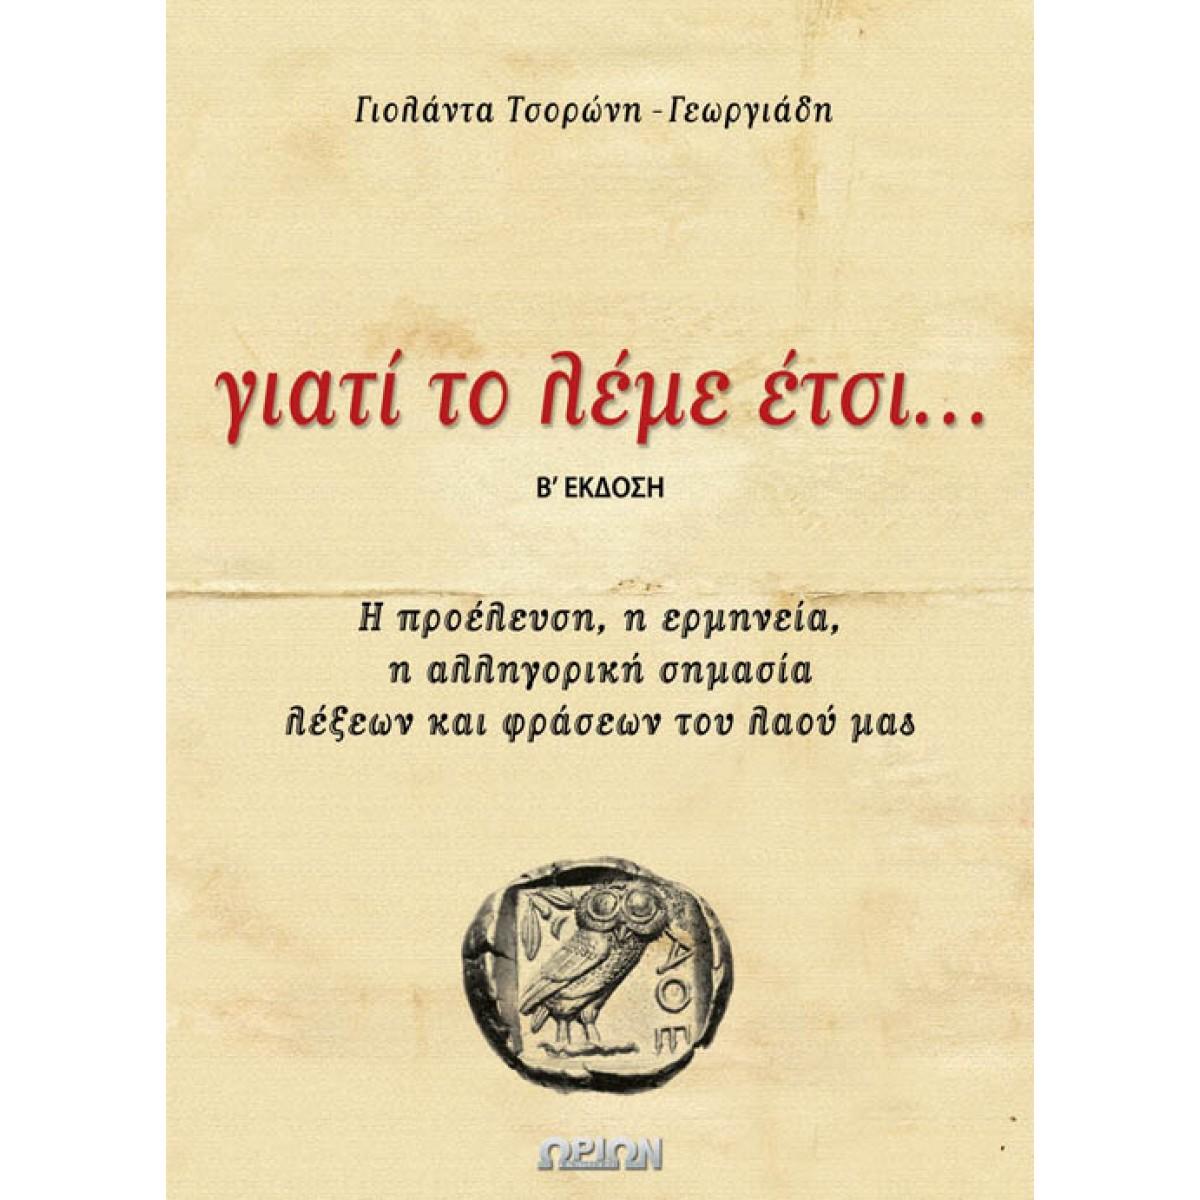 ΓΙΑΤΙ ΤΟ ΛΕΜΕ ΕΤΣΙ Βιβλία Ωρίων